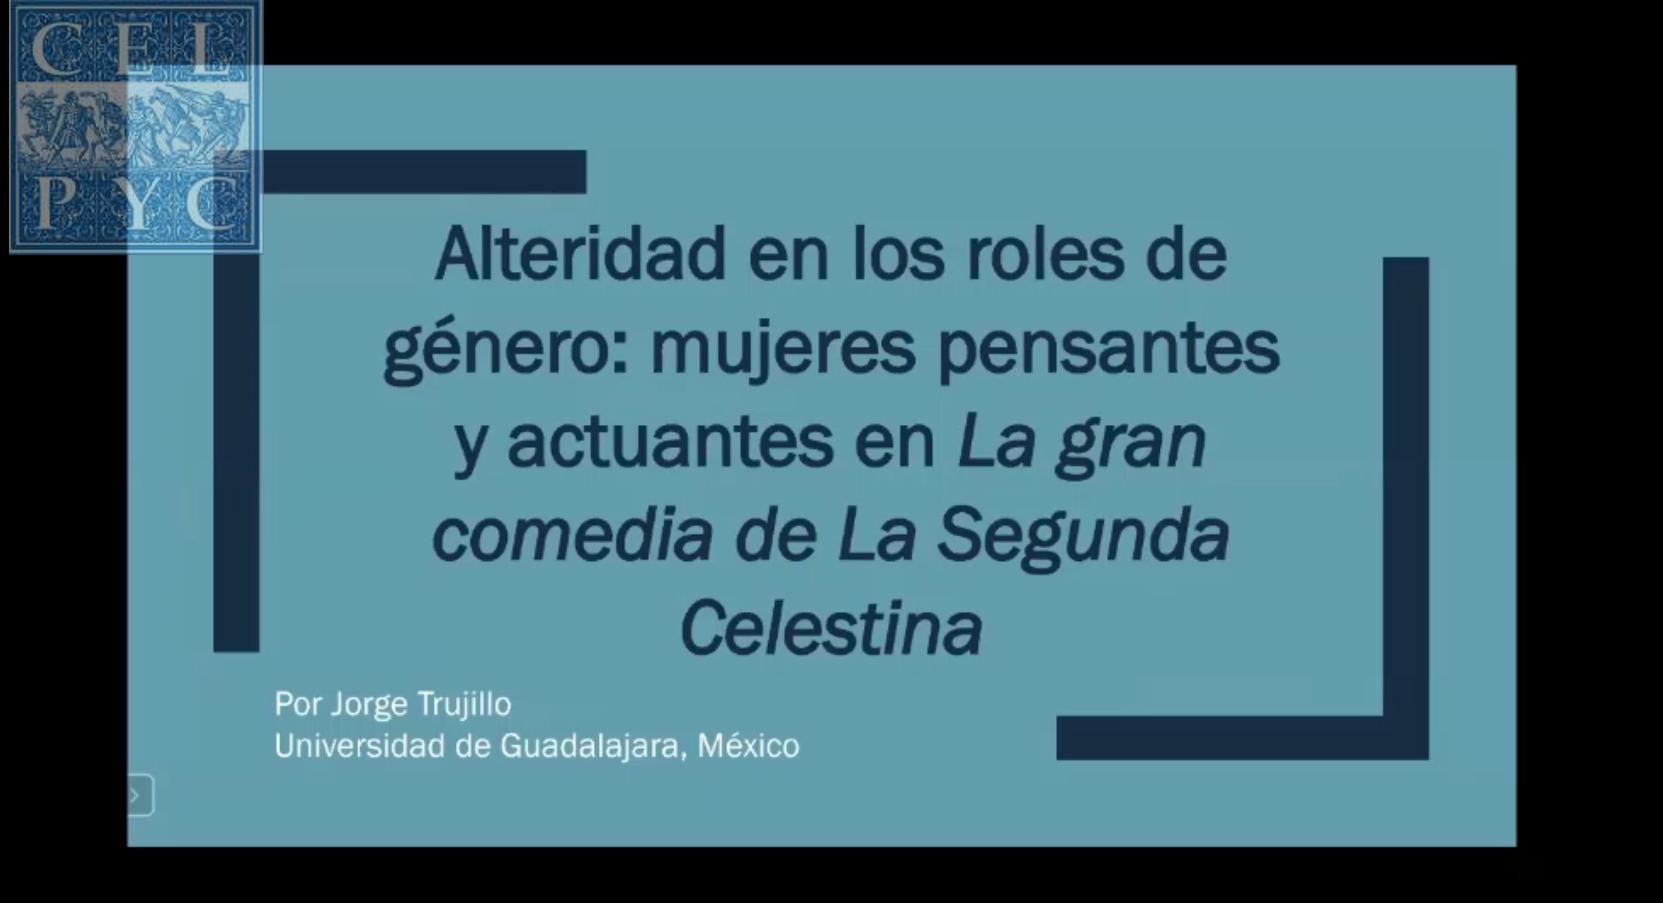 """Alteridad en los roles de género: mujeres pensantes y actuantes en """"La gran comedia de la Segunda Celestina"""" – Jorge Antonio MEDINA TRUJILLO"""